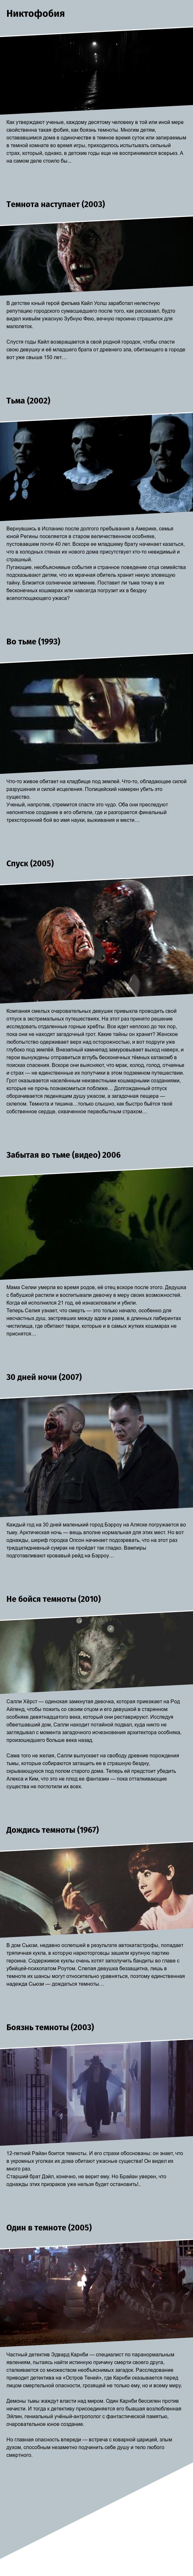 Никтофобия Боязнь темноты, Темнота, Фобия, Я знаю чего ты боишься, Ужасы, Фильмы, Длиннопост